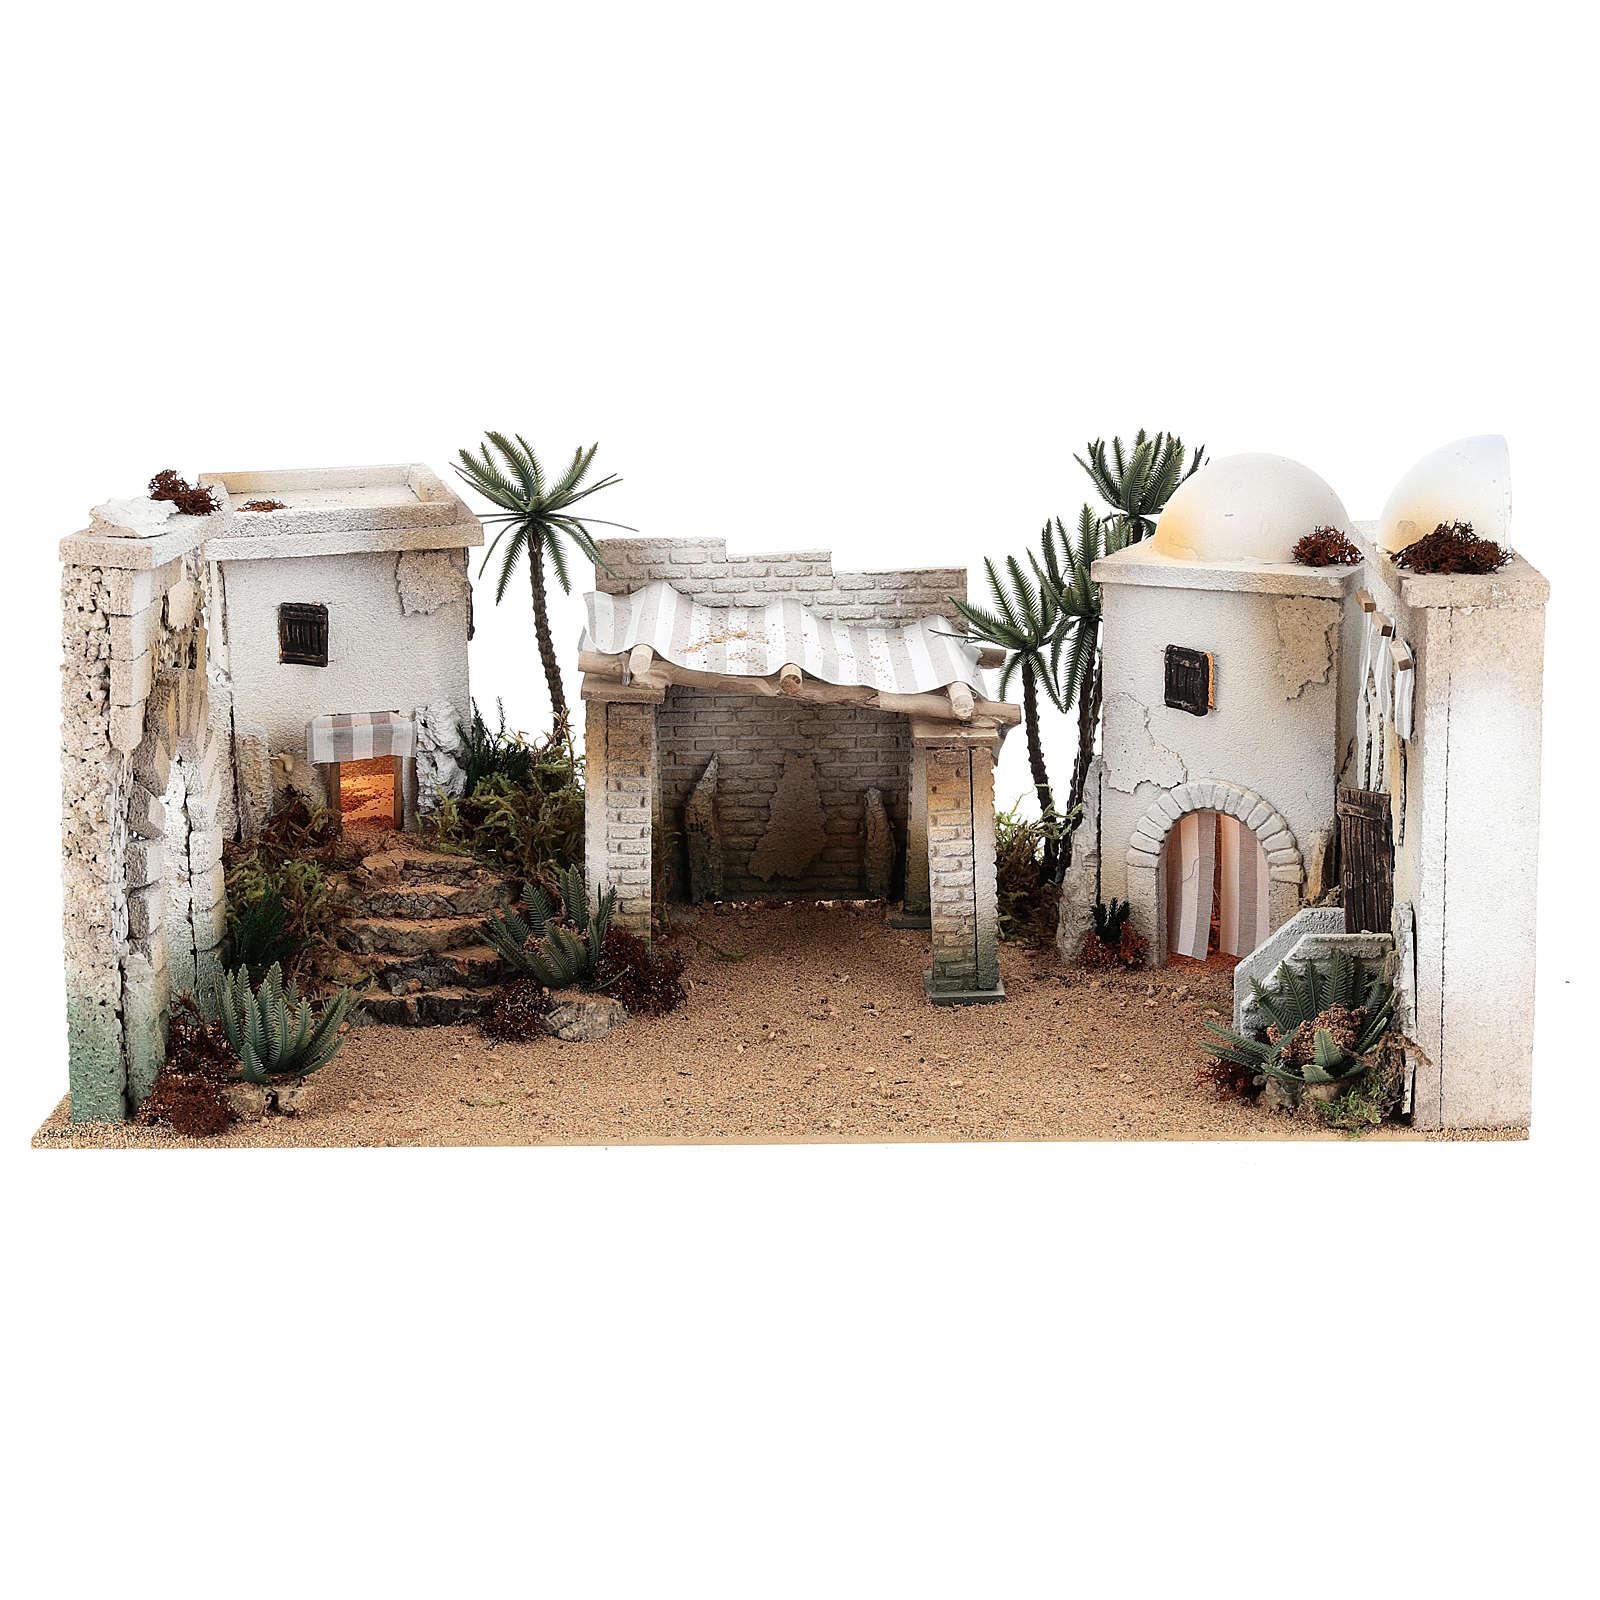 Composición paisaje árabe con accesorios 30x60x40 cm LADO IZQUIERDO 4